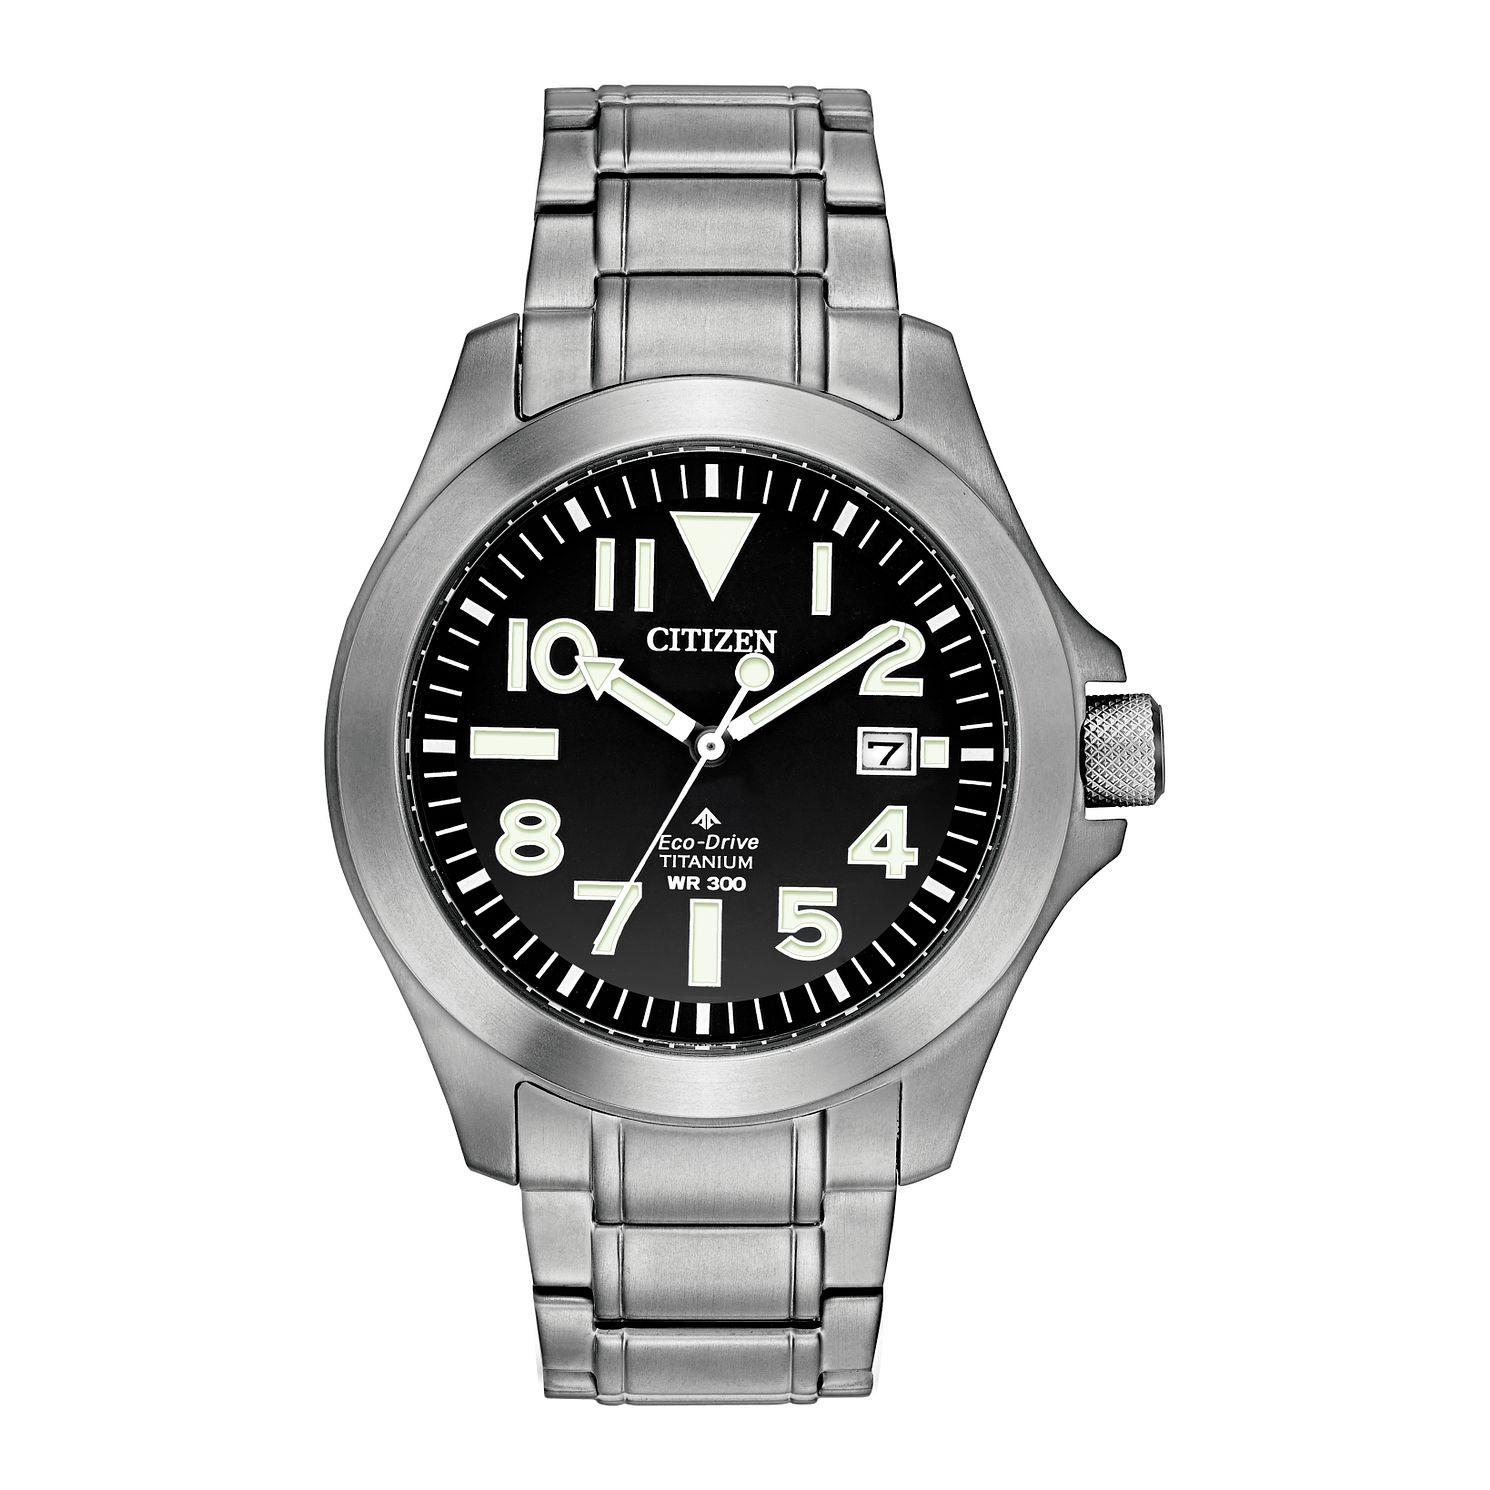 Citizen Promaster Tough Eco-Drive Sapphire Titanium Bracelet Watch BN0118-55E £165 @ H Samuel